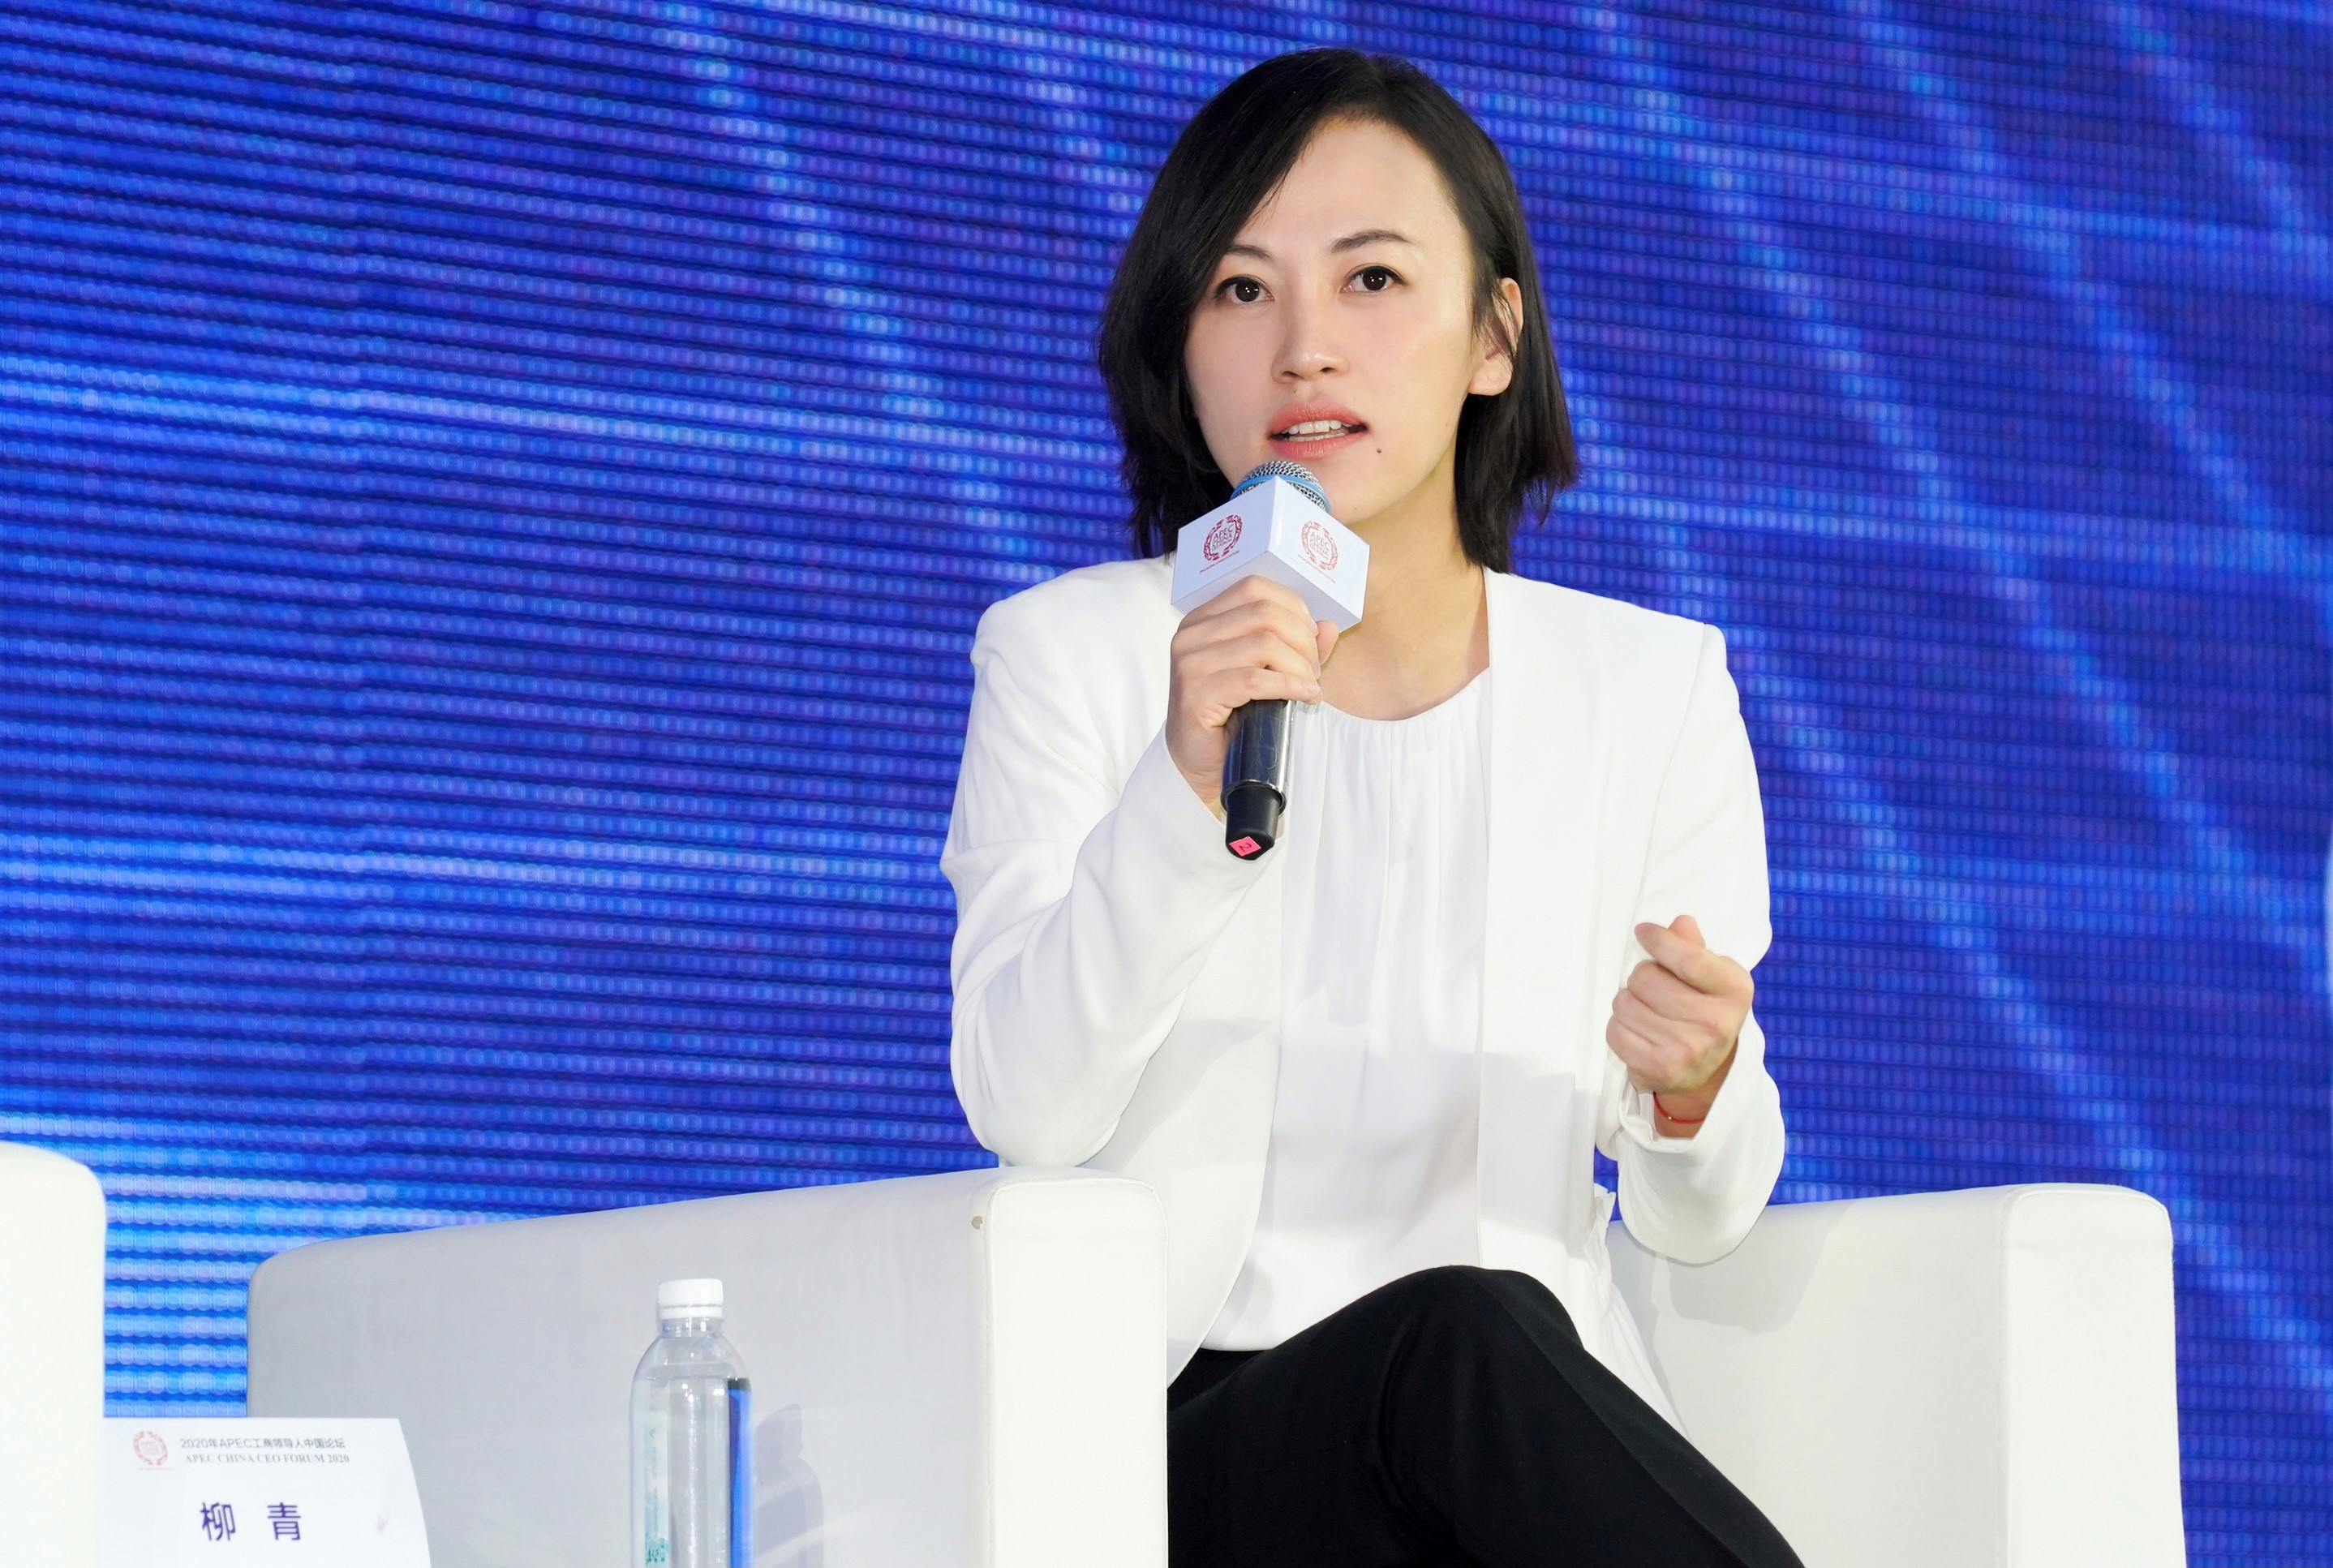 滴滴总裁柳青表示创新的目标是发展民生